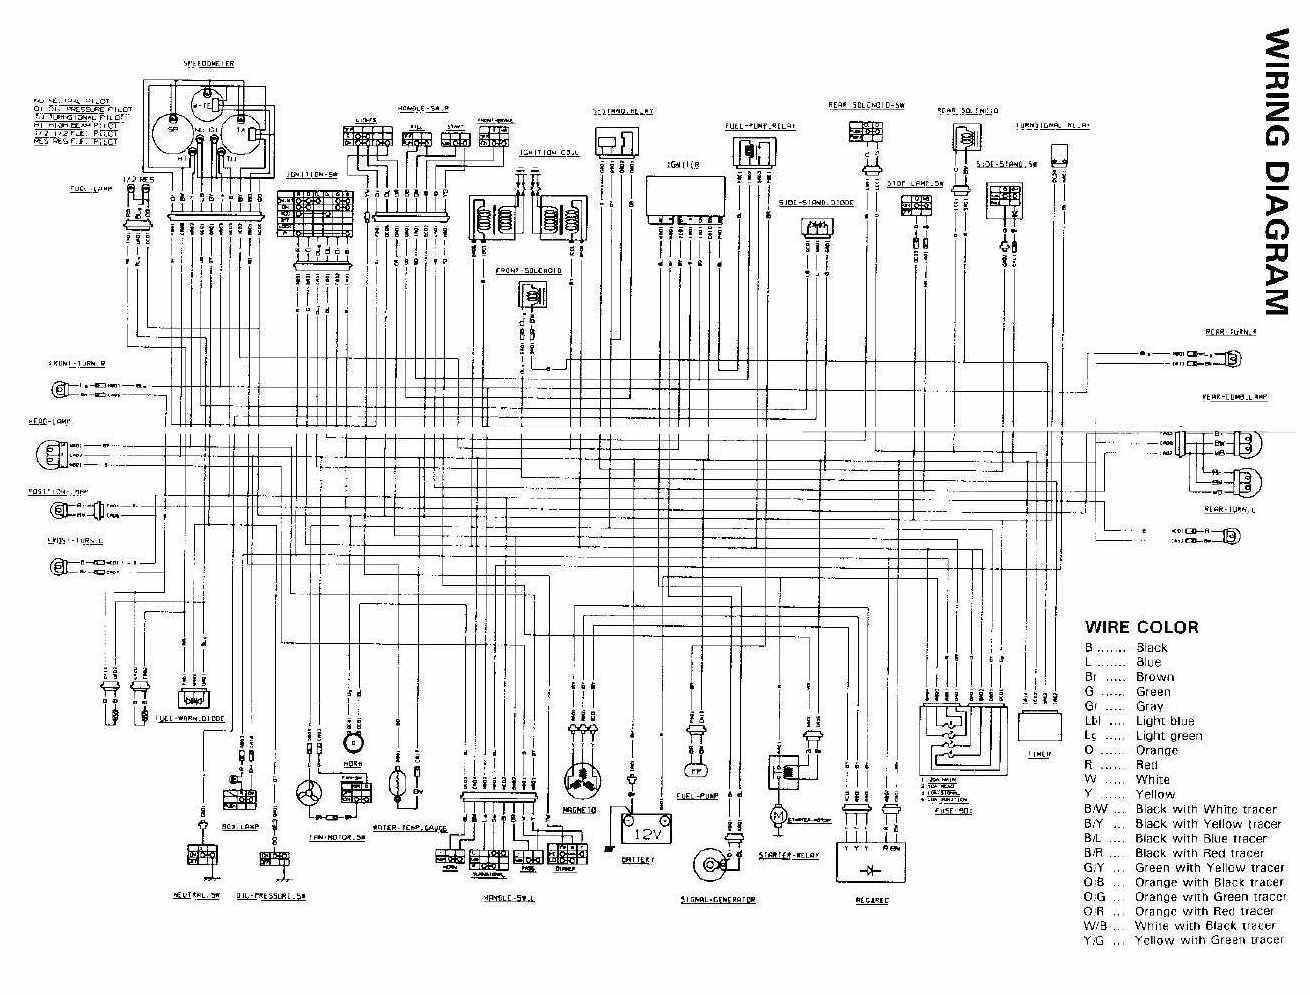 91 Suzuki Gsxr 1100 Wiring Diagram | Wiring Library